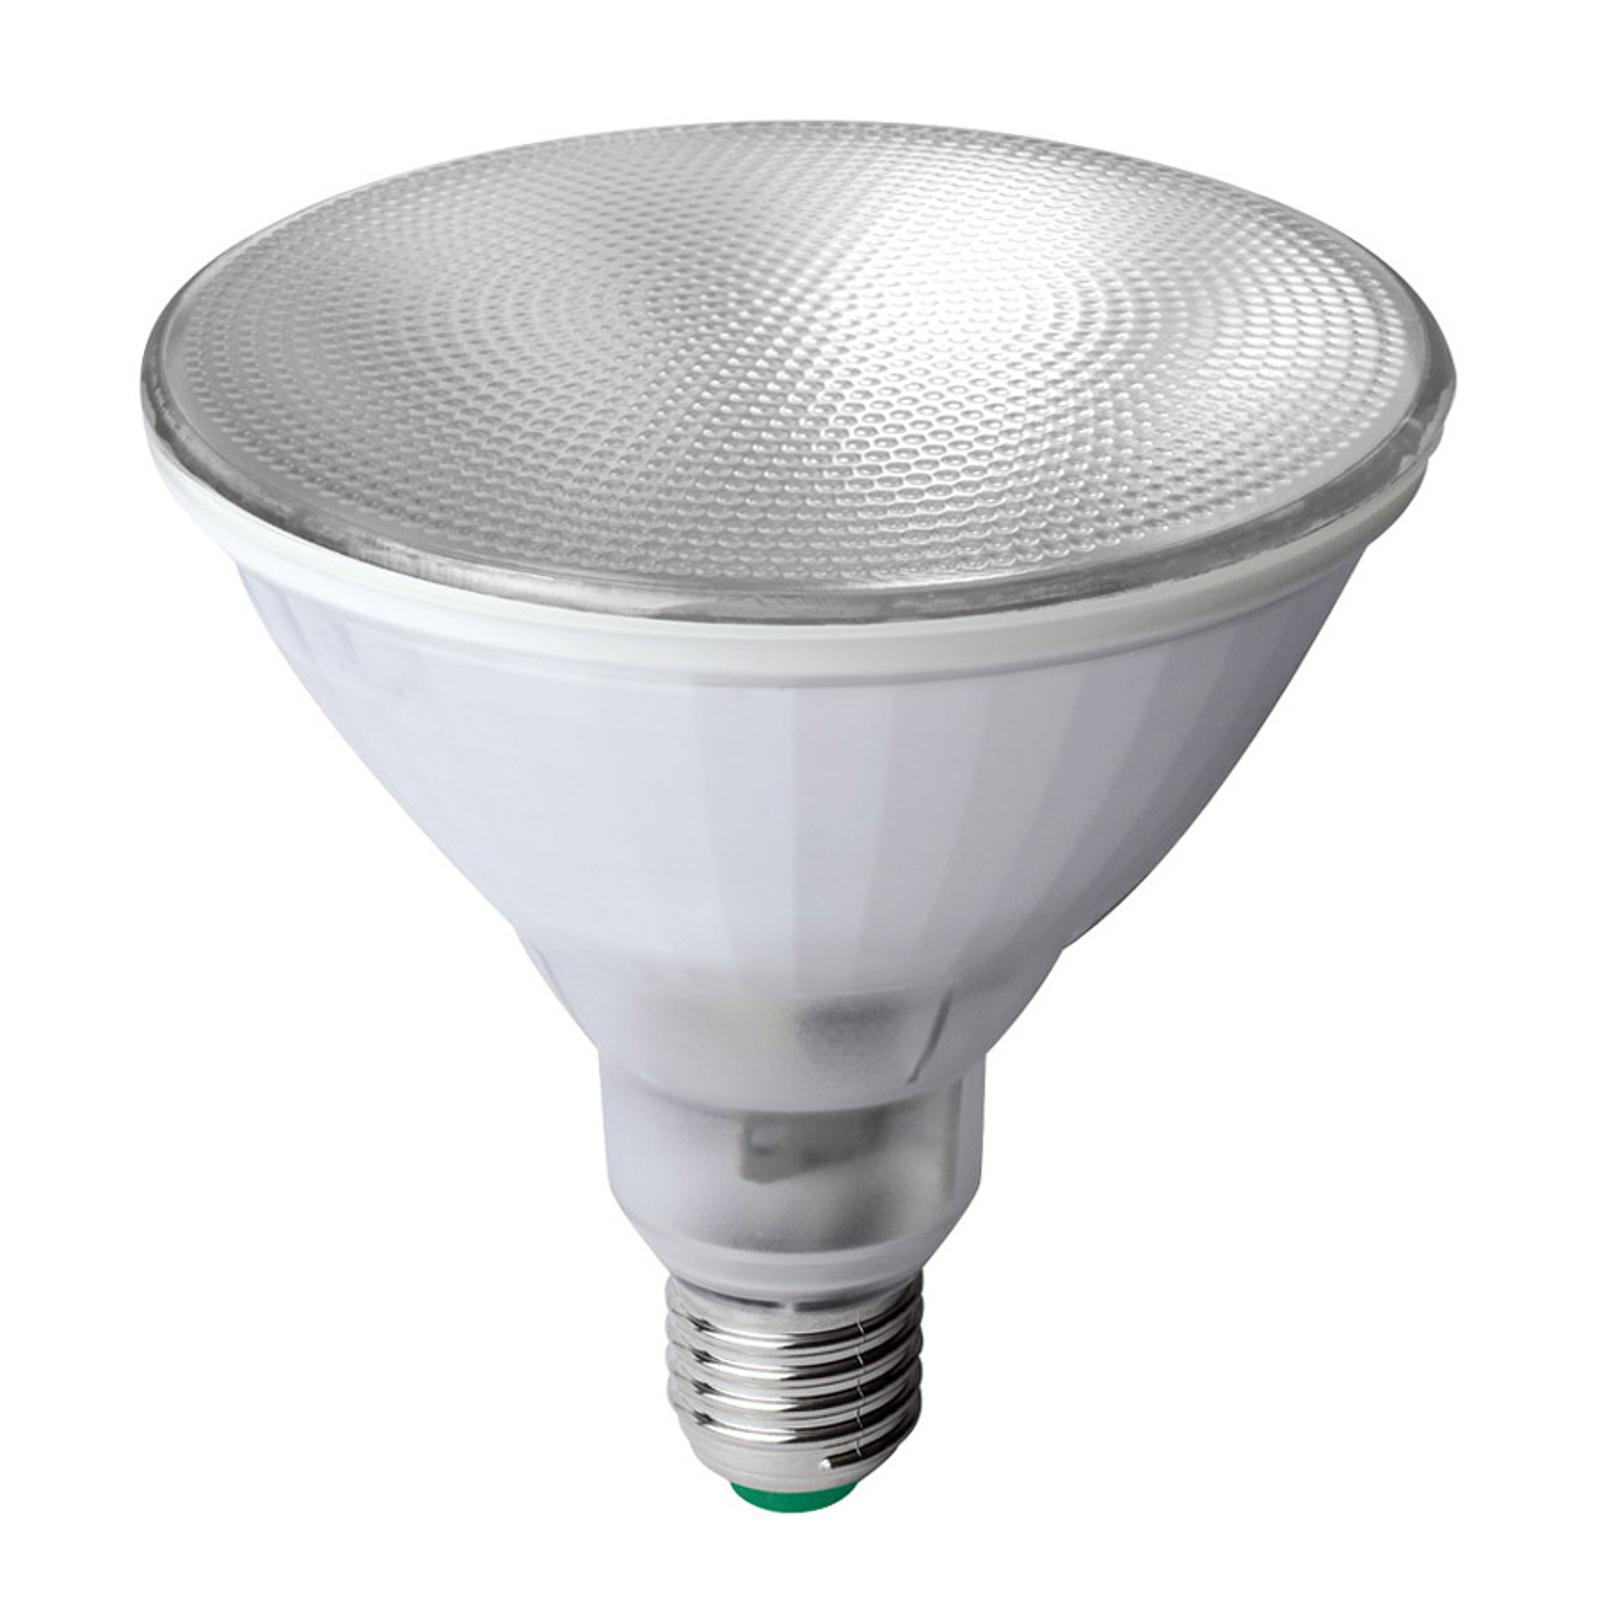 Ampoule LED pour plantes E27 8,5W PAR38 35°